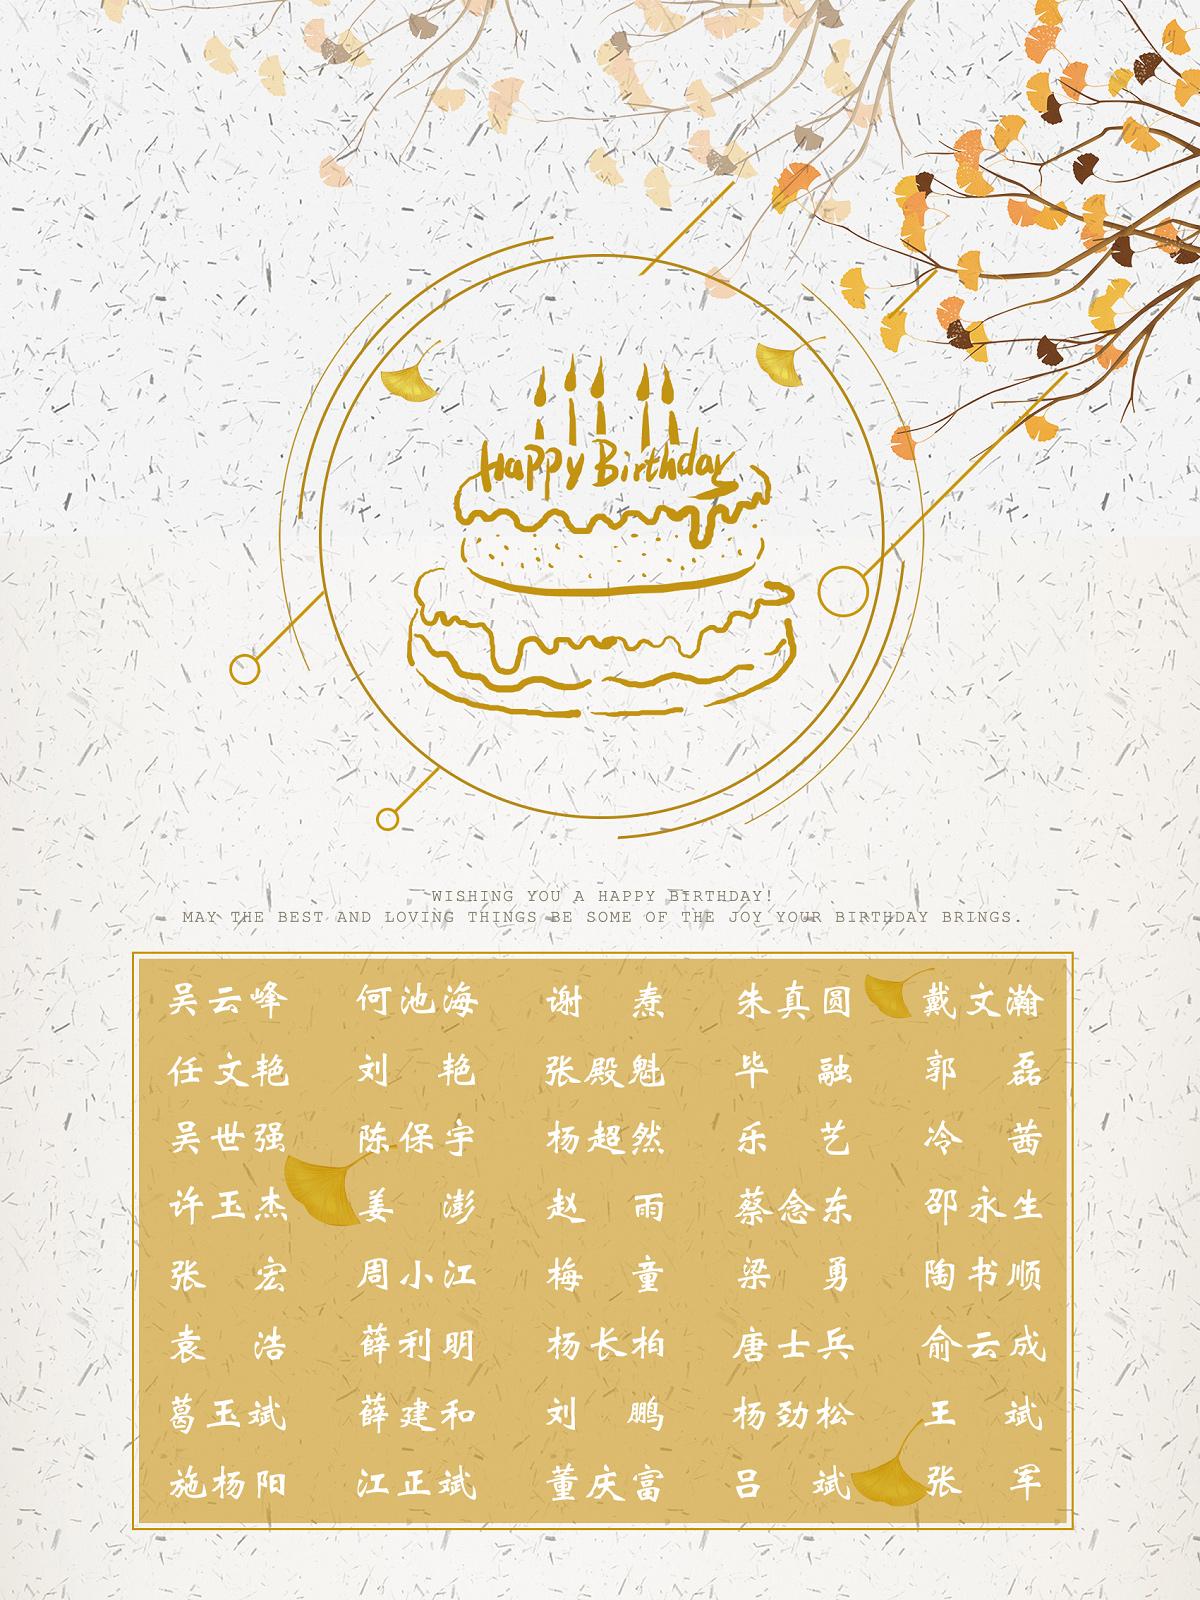 9月安徽11选5走势图页面v2.jpg